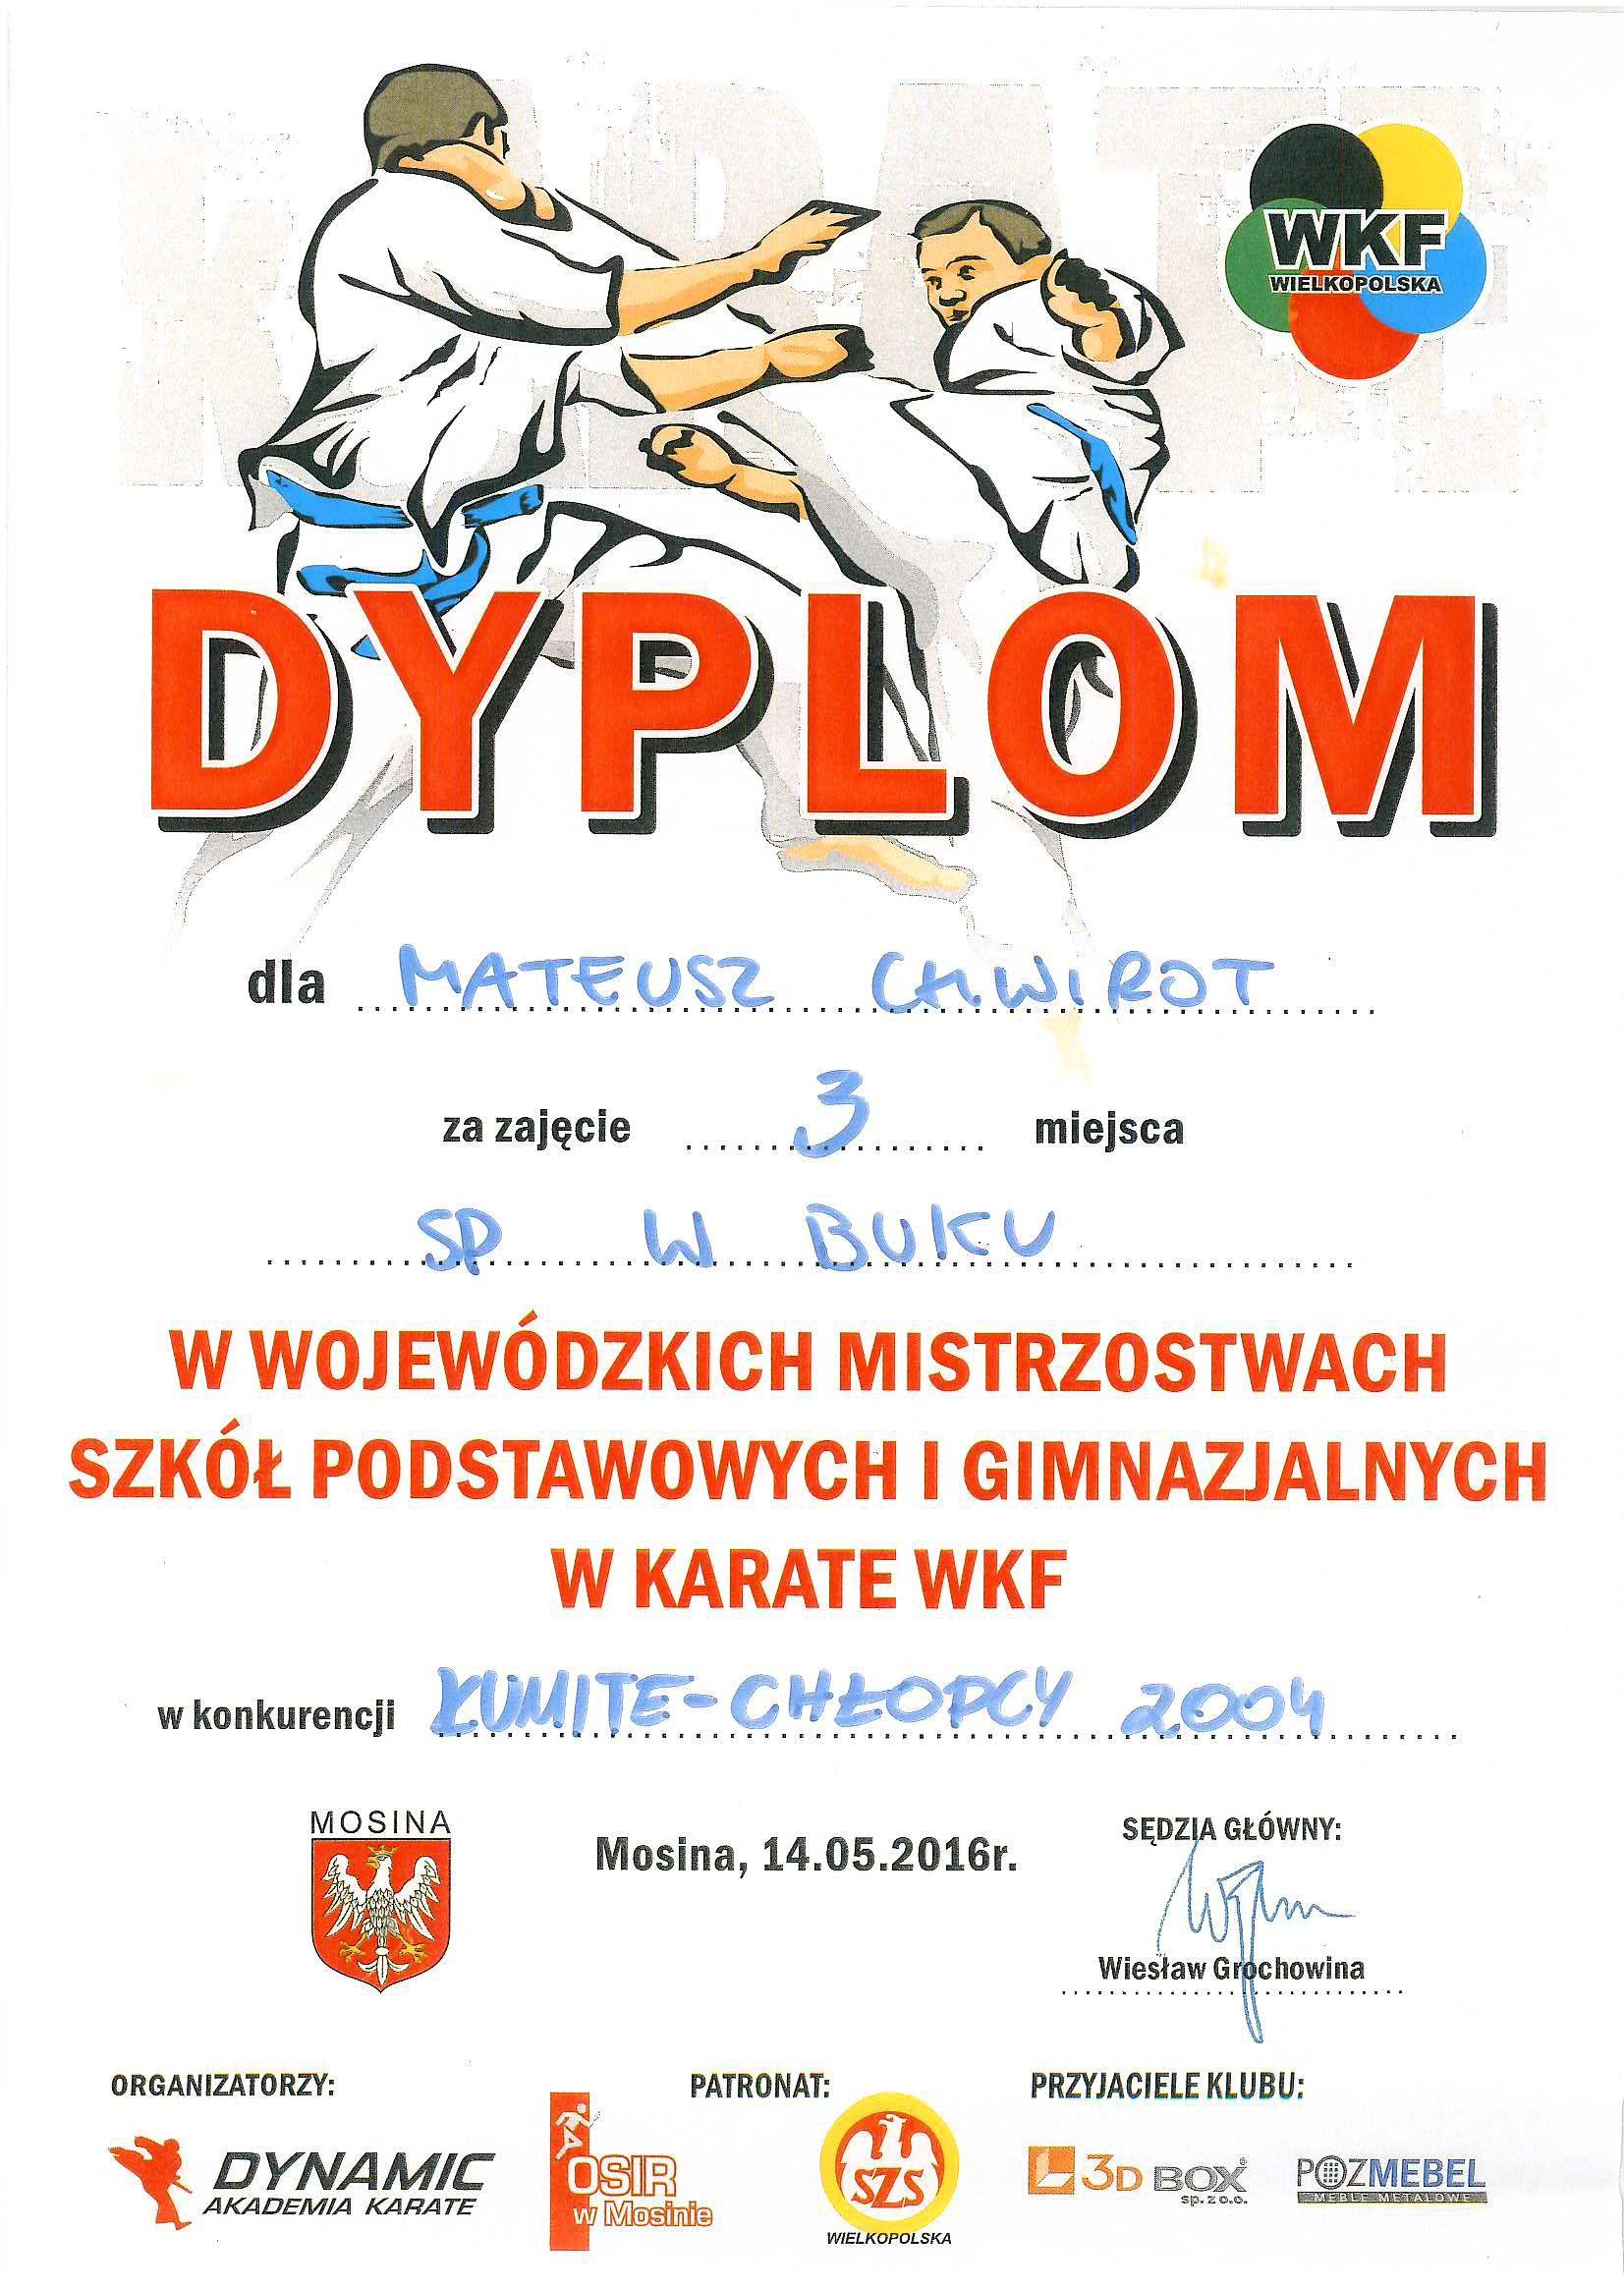 ff9a6cdf858cc mateusz chwirot dyplom – Szkoła Podstawowa im. Bohaterów Bukowskich ...